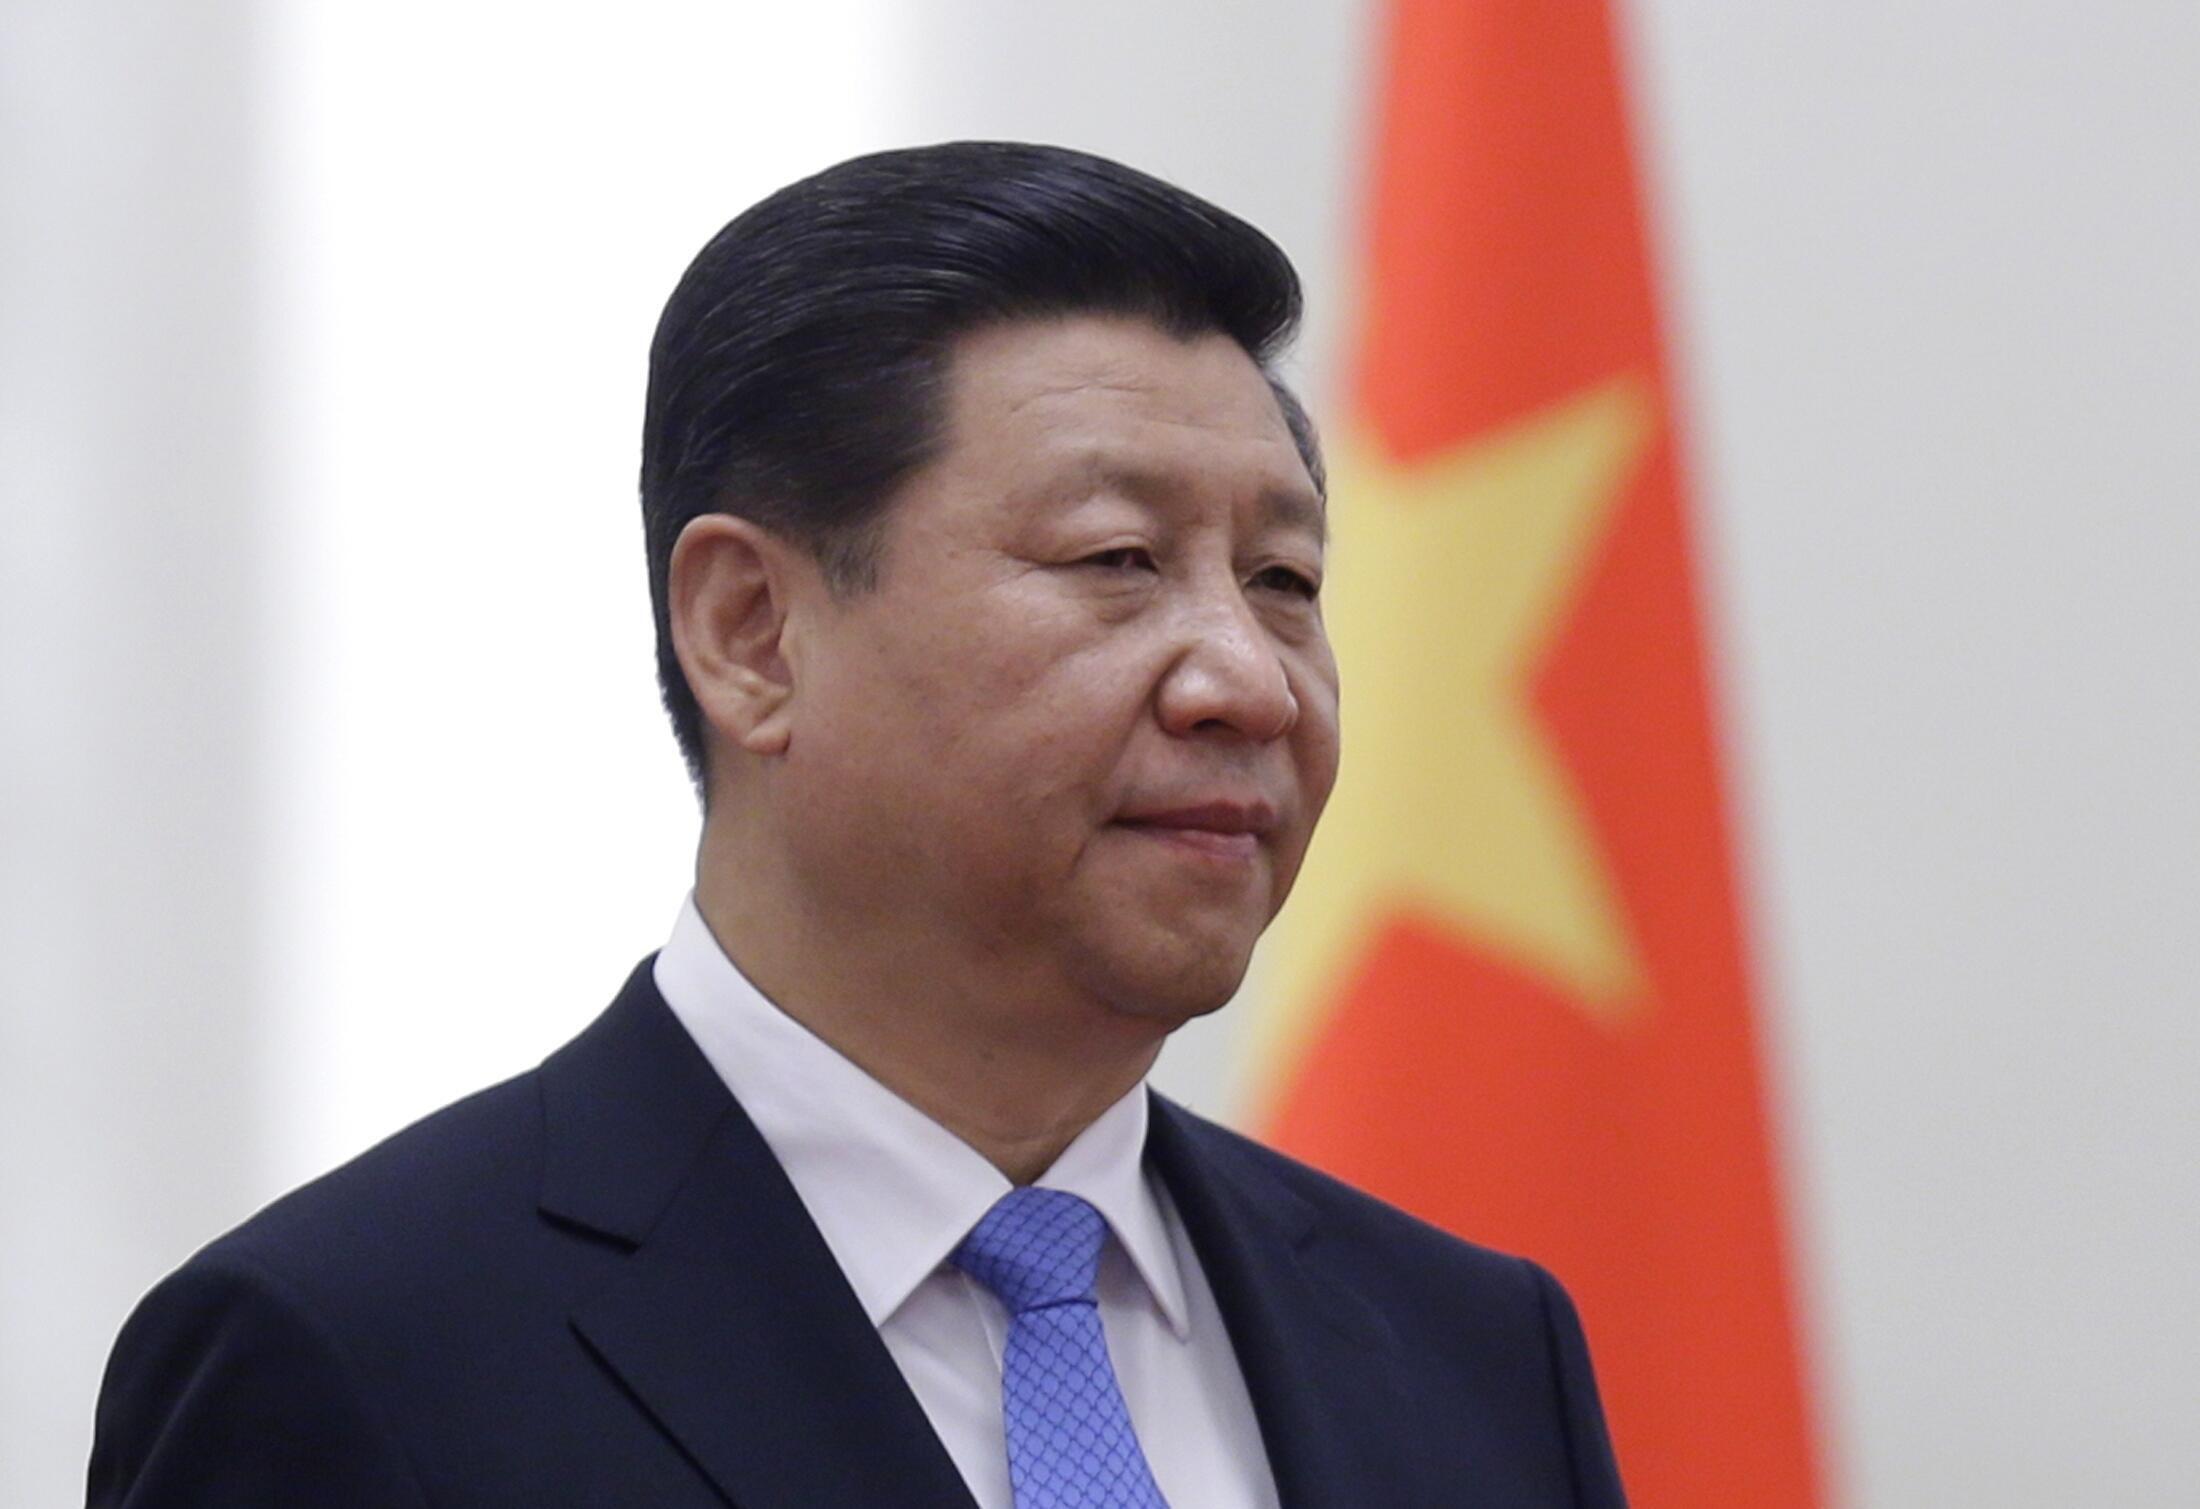 Familiares del presidente Xi Jinping están vinculados al escándalo.